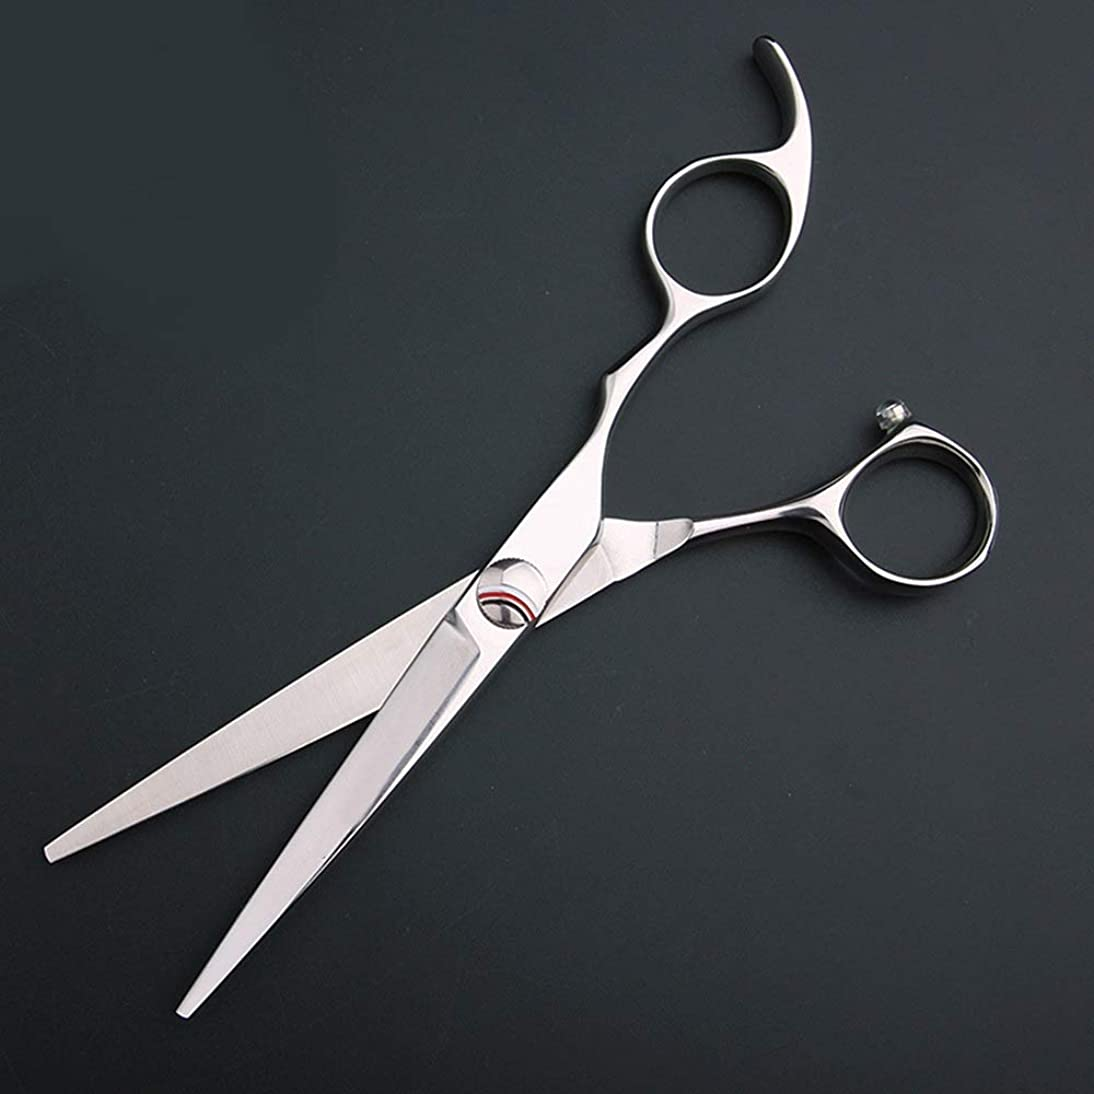 それにもかかわらず地下掘る440Cストレートシザー、6インチ散髪フラットカットプロフェッショナルはさみ モデリングツール (色 : Silver)